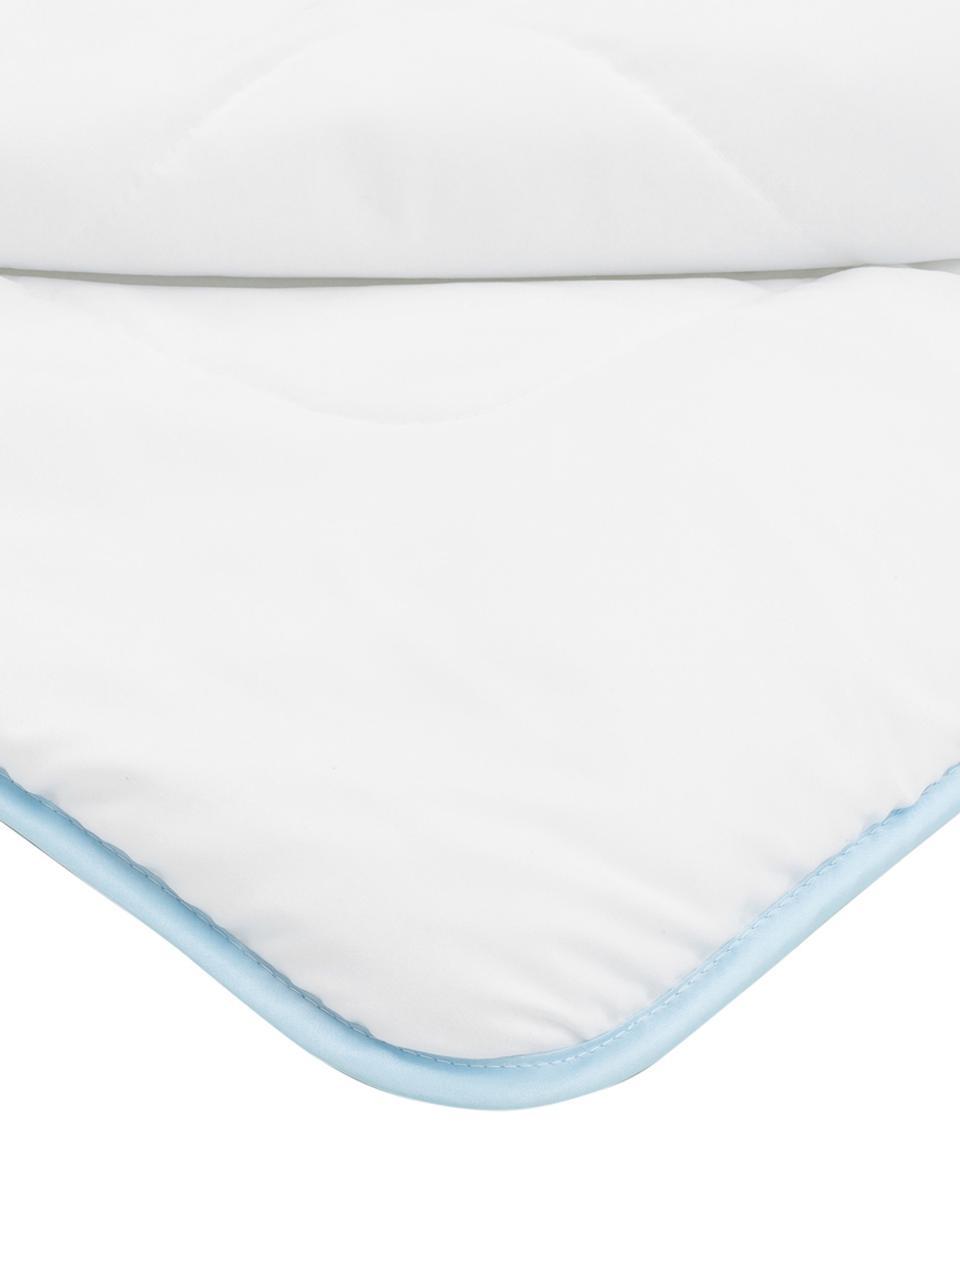 Microfaser-Bettdecke, warm, Bezug: Microfaser mit Rautenstep, Weiß, 135 x 200 cm